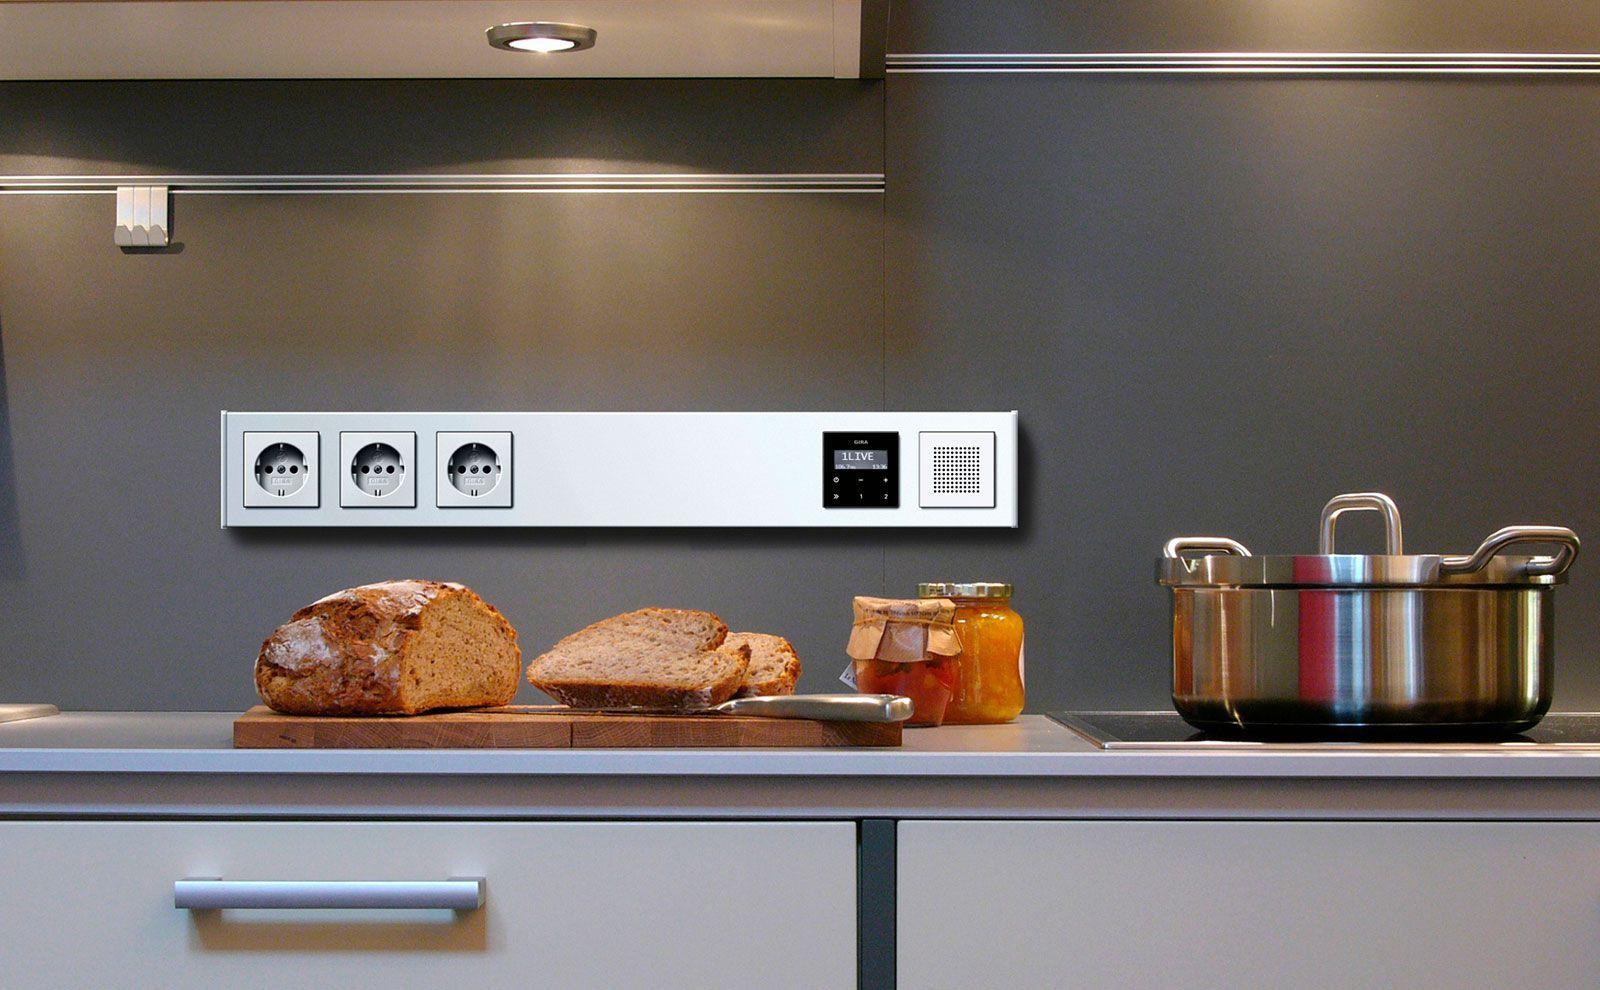 Die Multifunktionsleiste Gira Profil 55 Erweitert Deine Vorhandenen Elektroanschlusse Und Bundelt Die Anwendung In 2020 Steckdosen Steckdosen Kuche Elektroinstallation